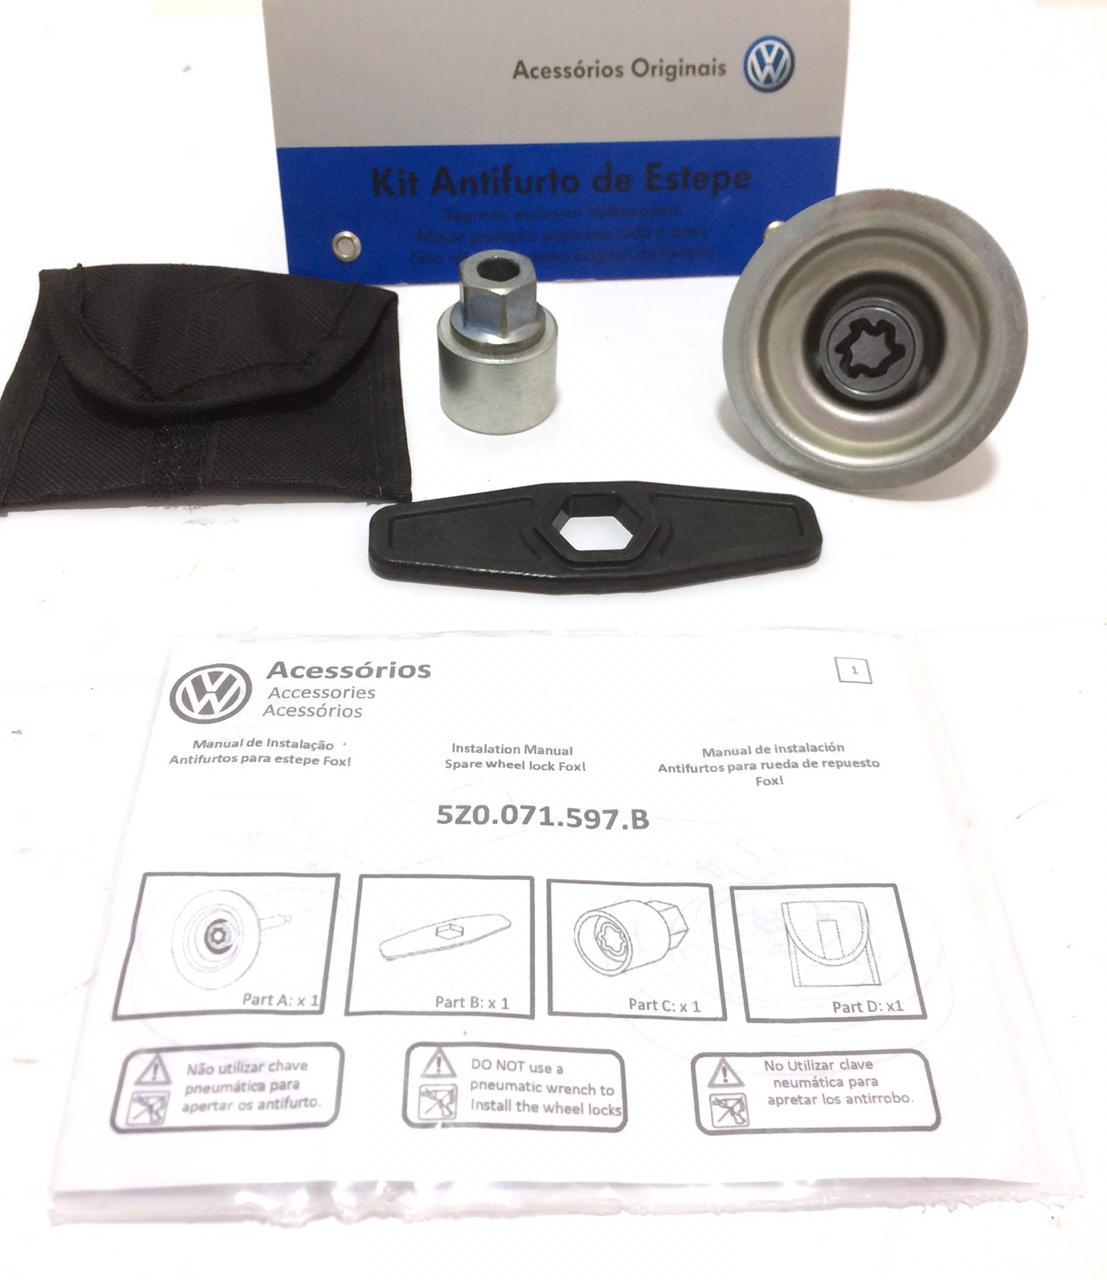 Kit Anti-Furto Estepe Volkswagen Fox 2015 5z0071597b